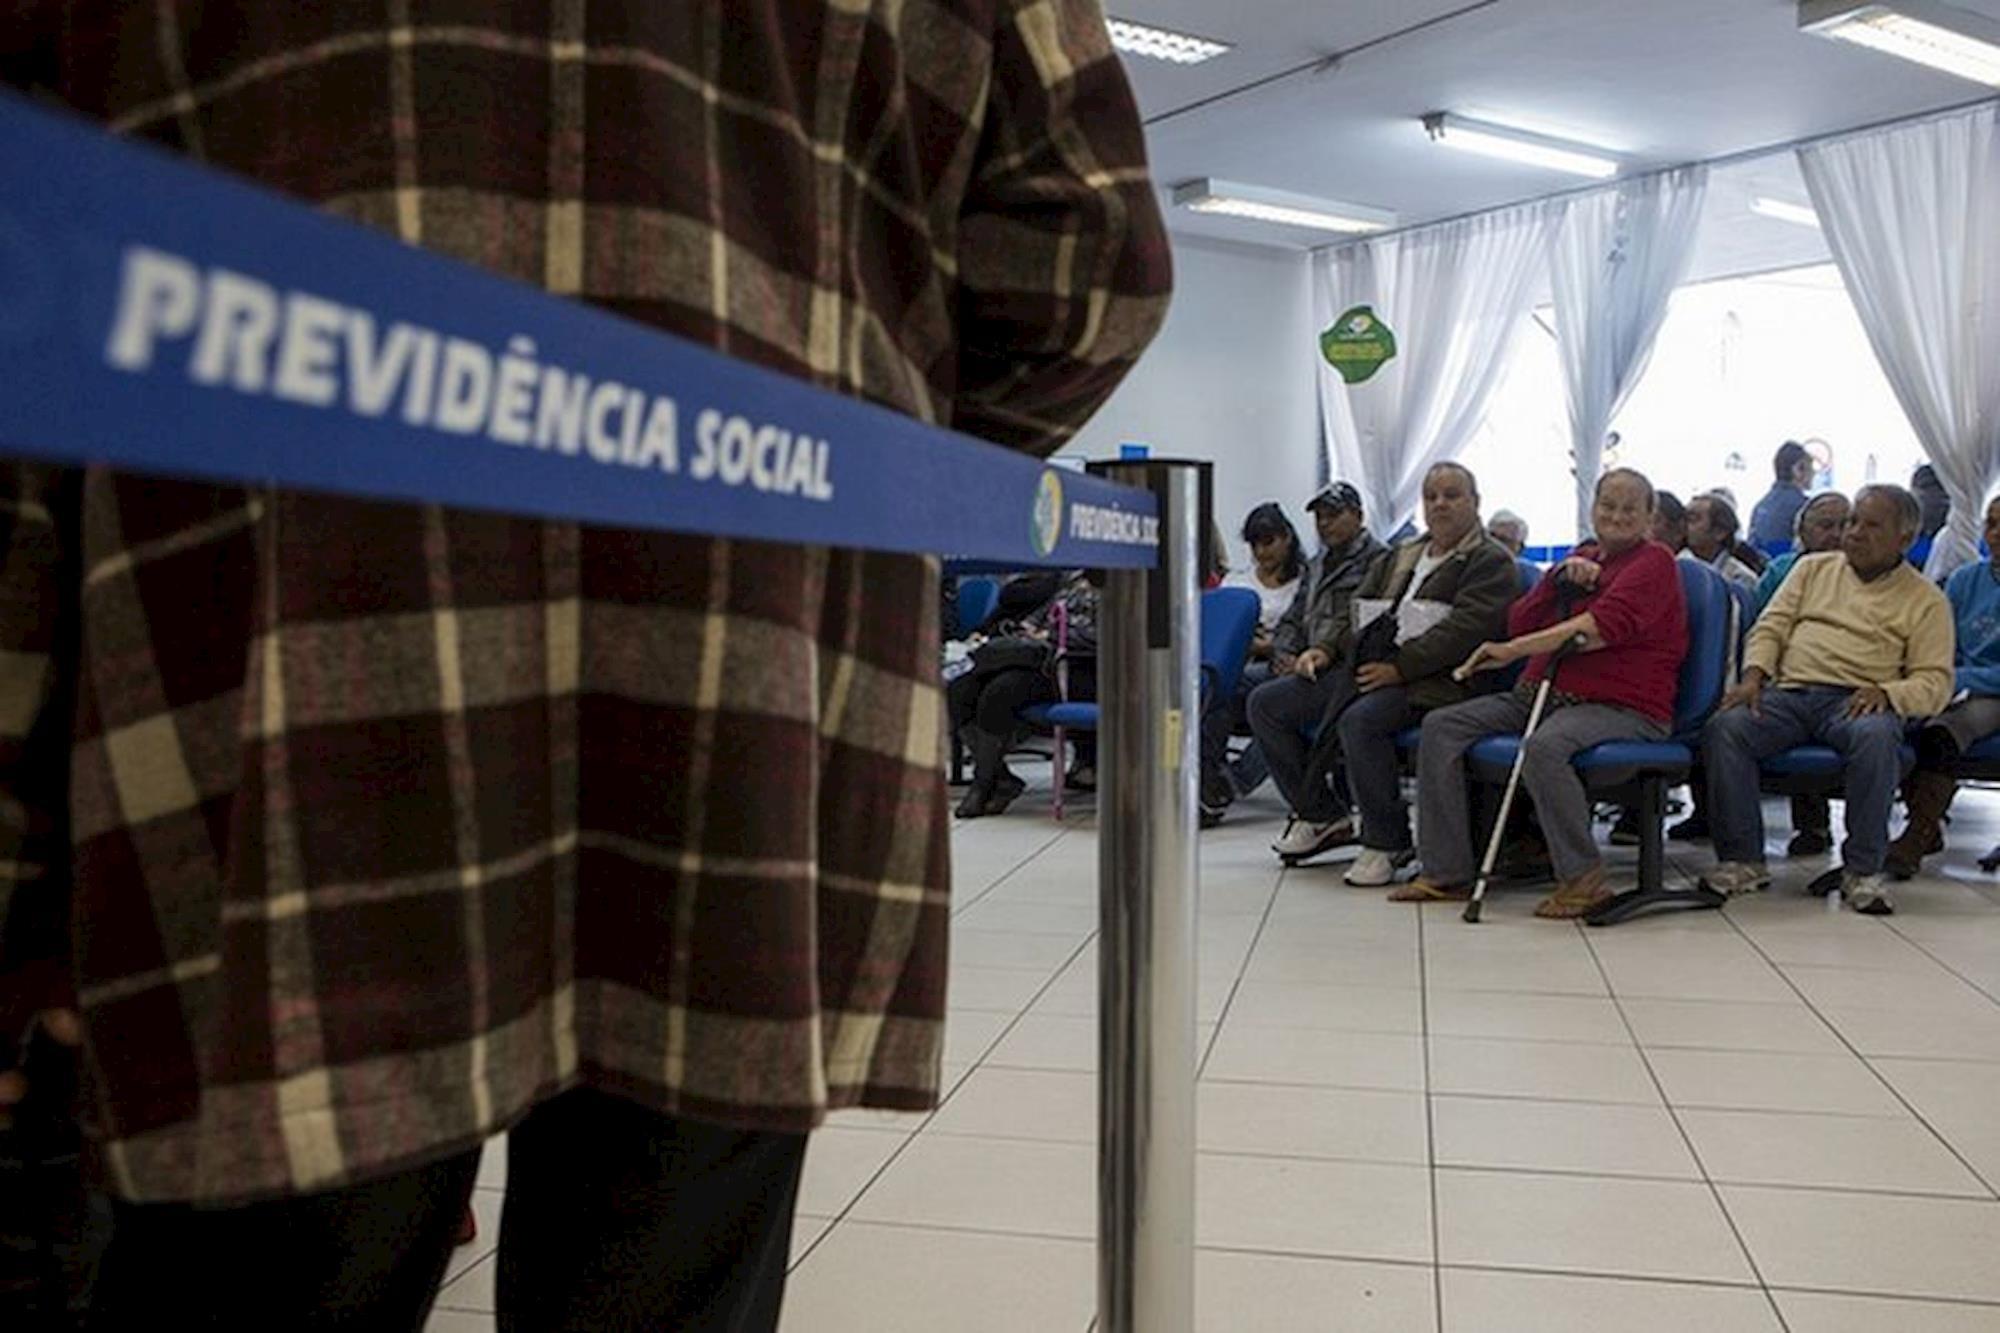 previdência, reforma, pec, inss,, Henry Milleo/Agência Brasil